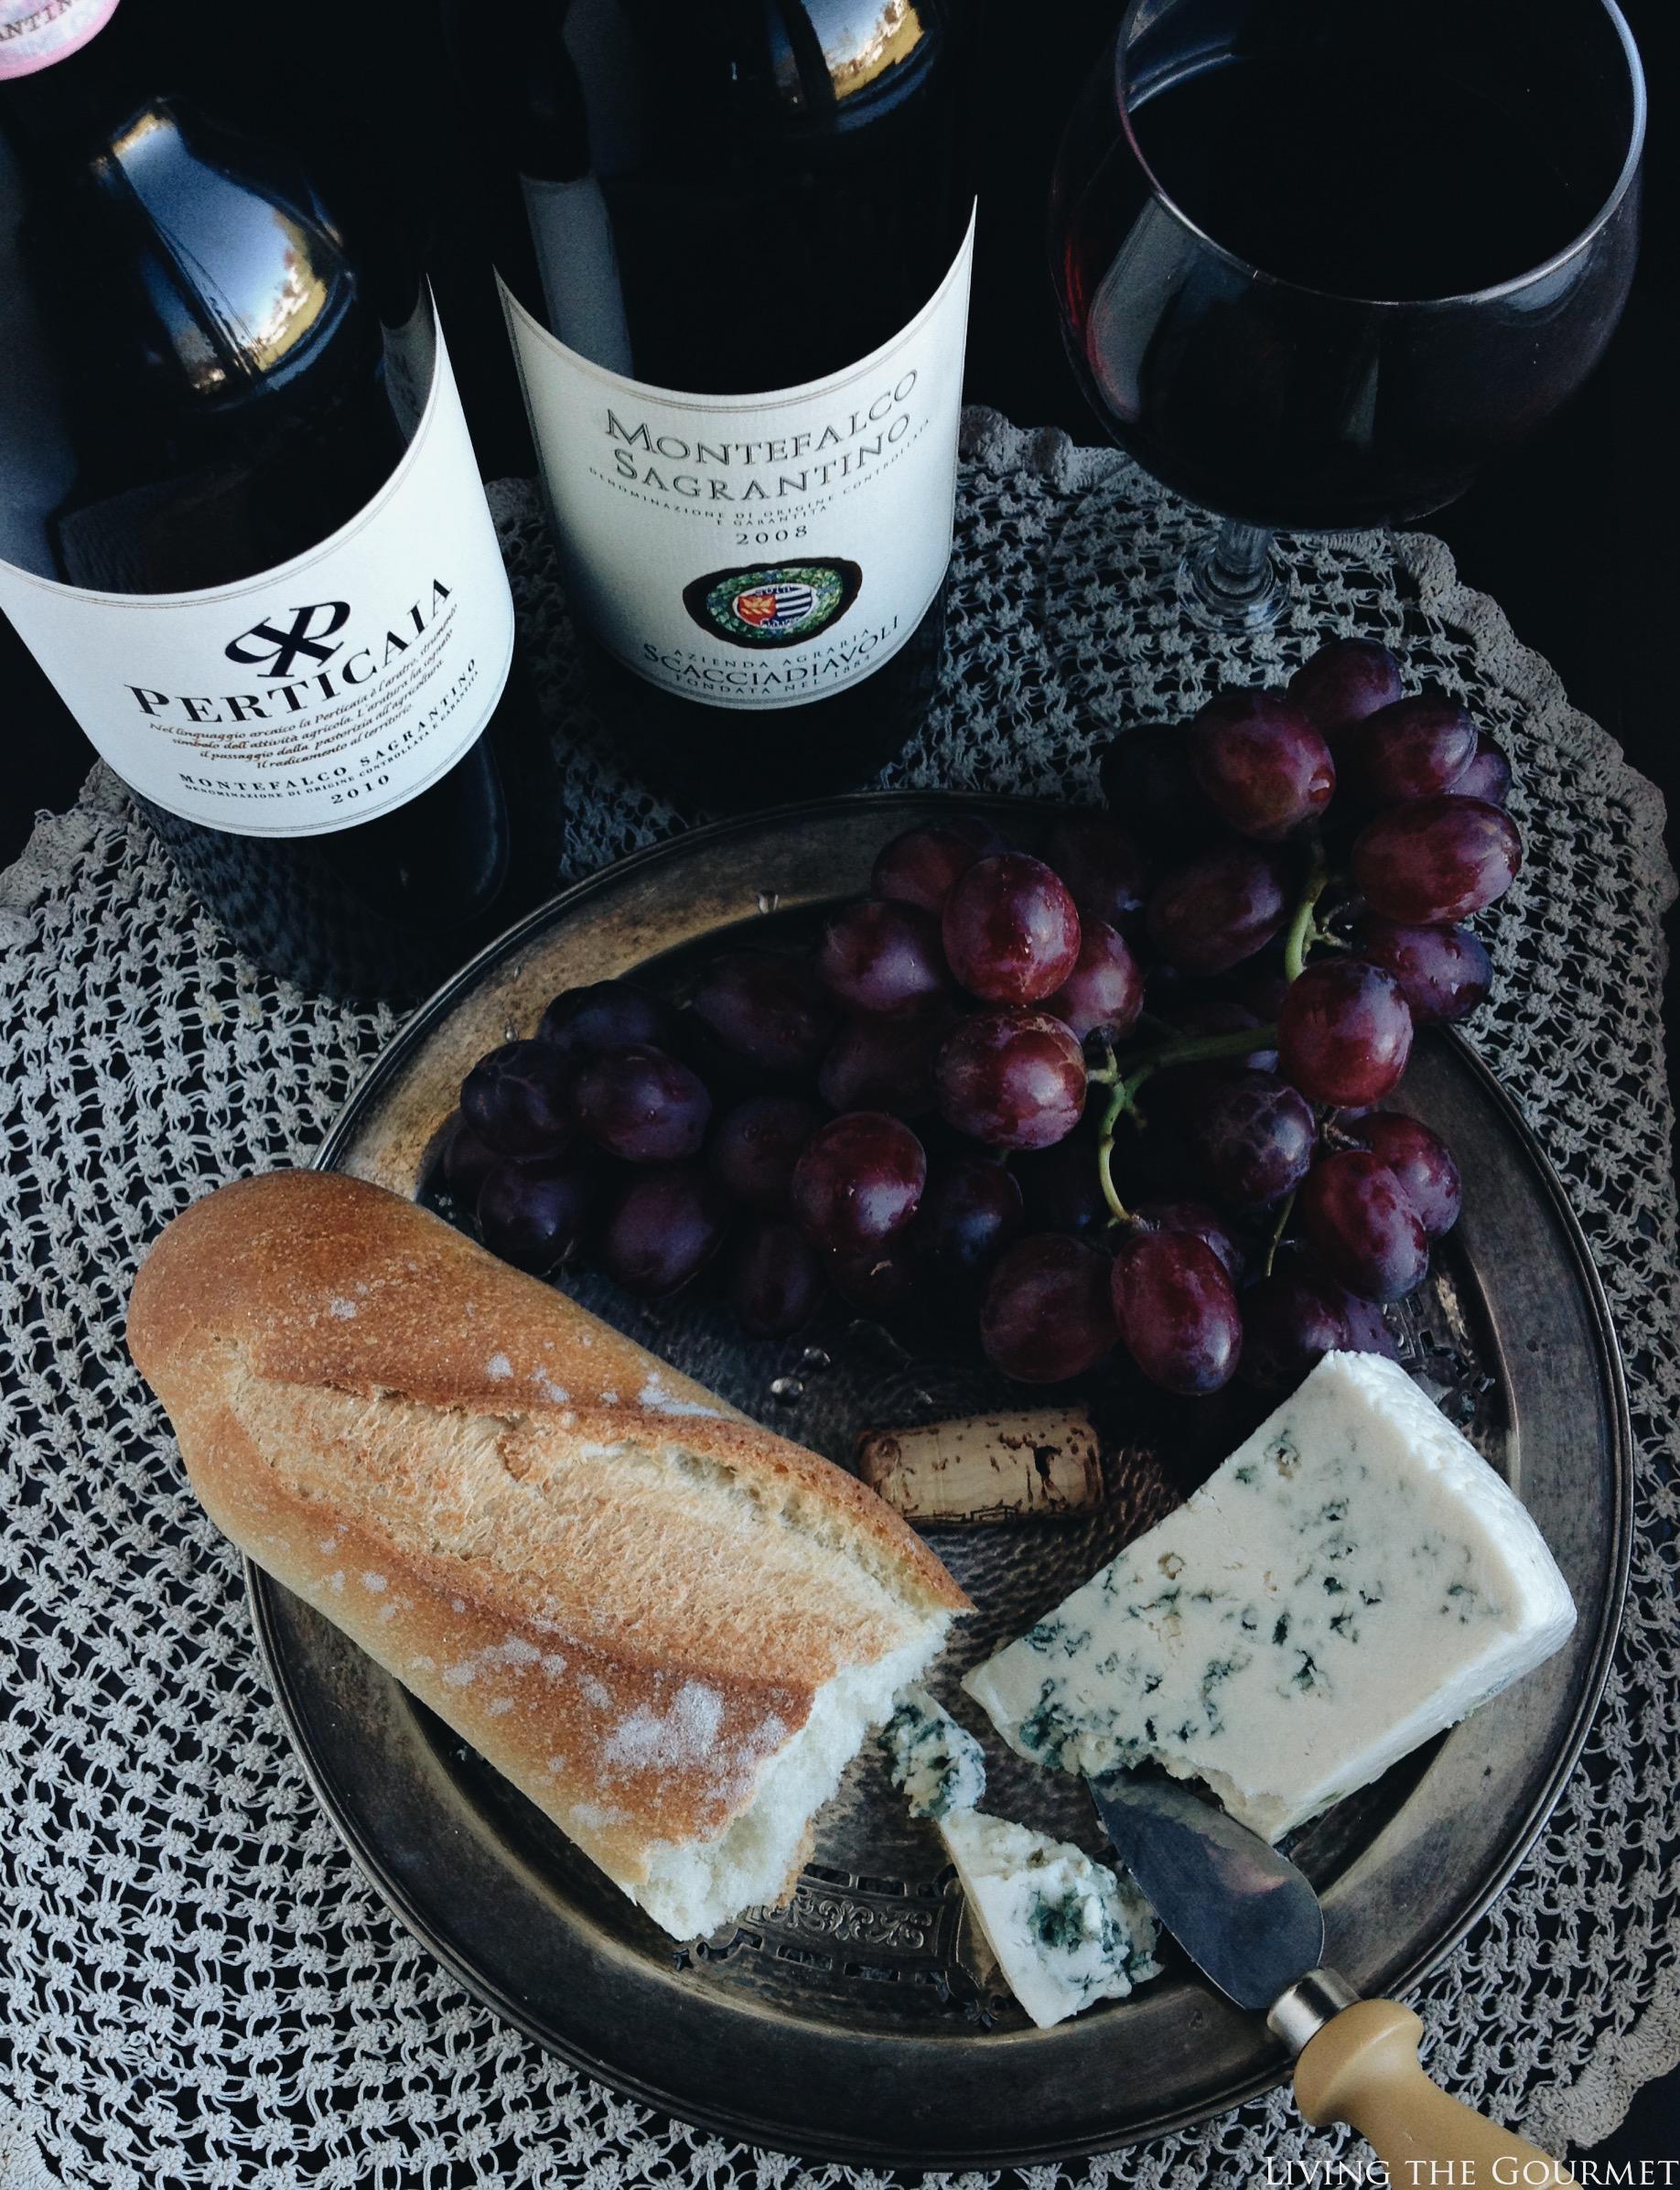 Living the Gourmet: Sagrantino di Montefalco